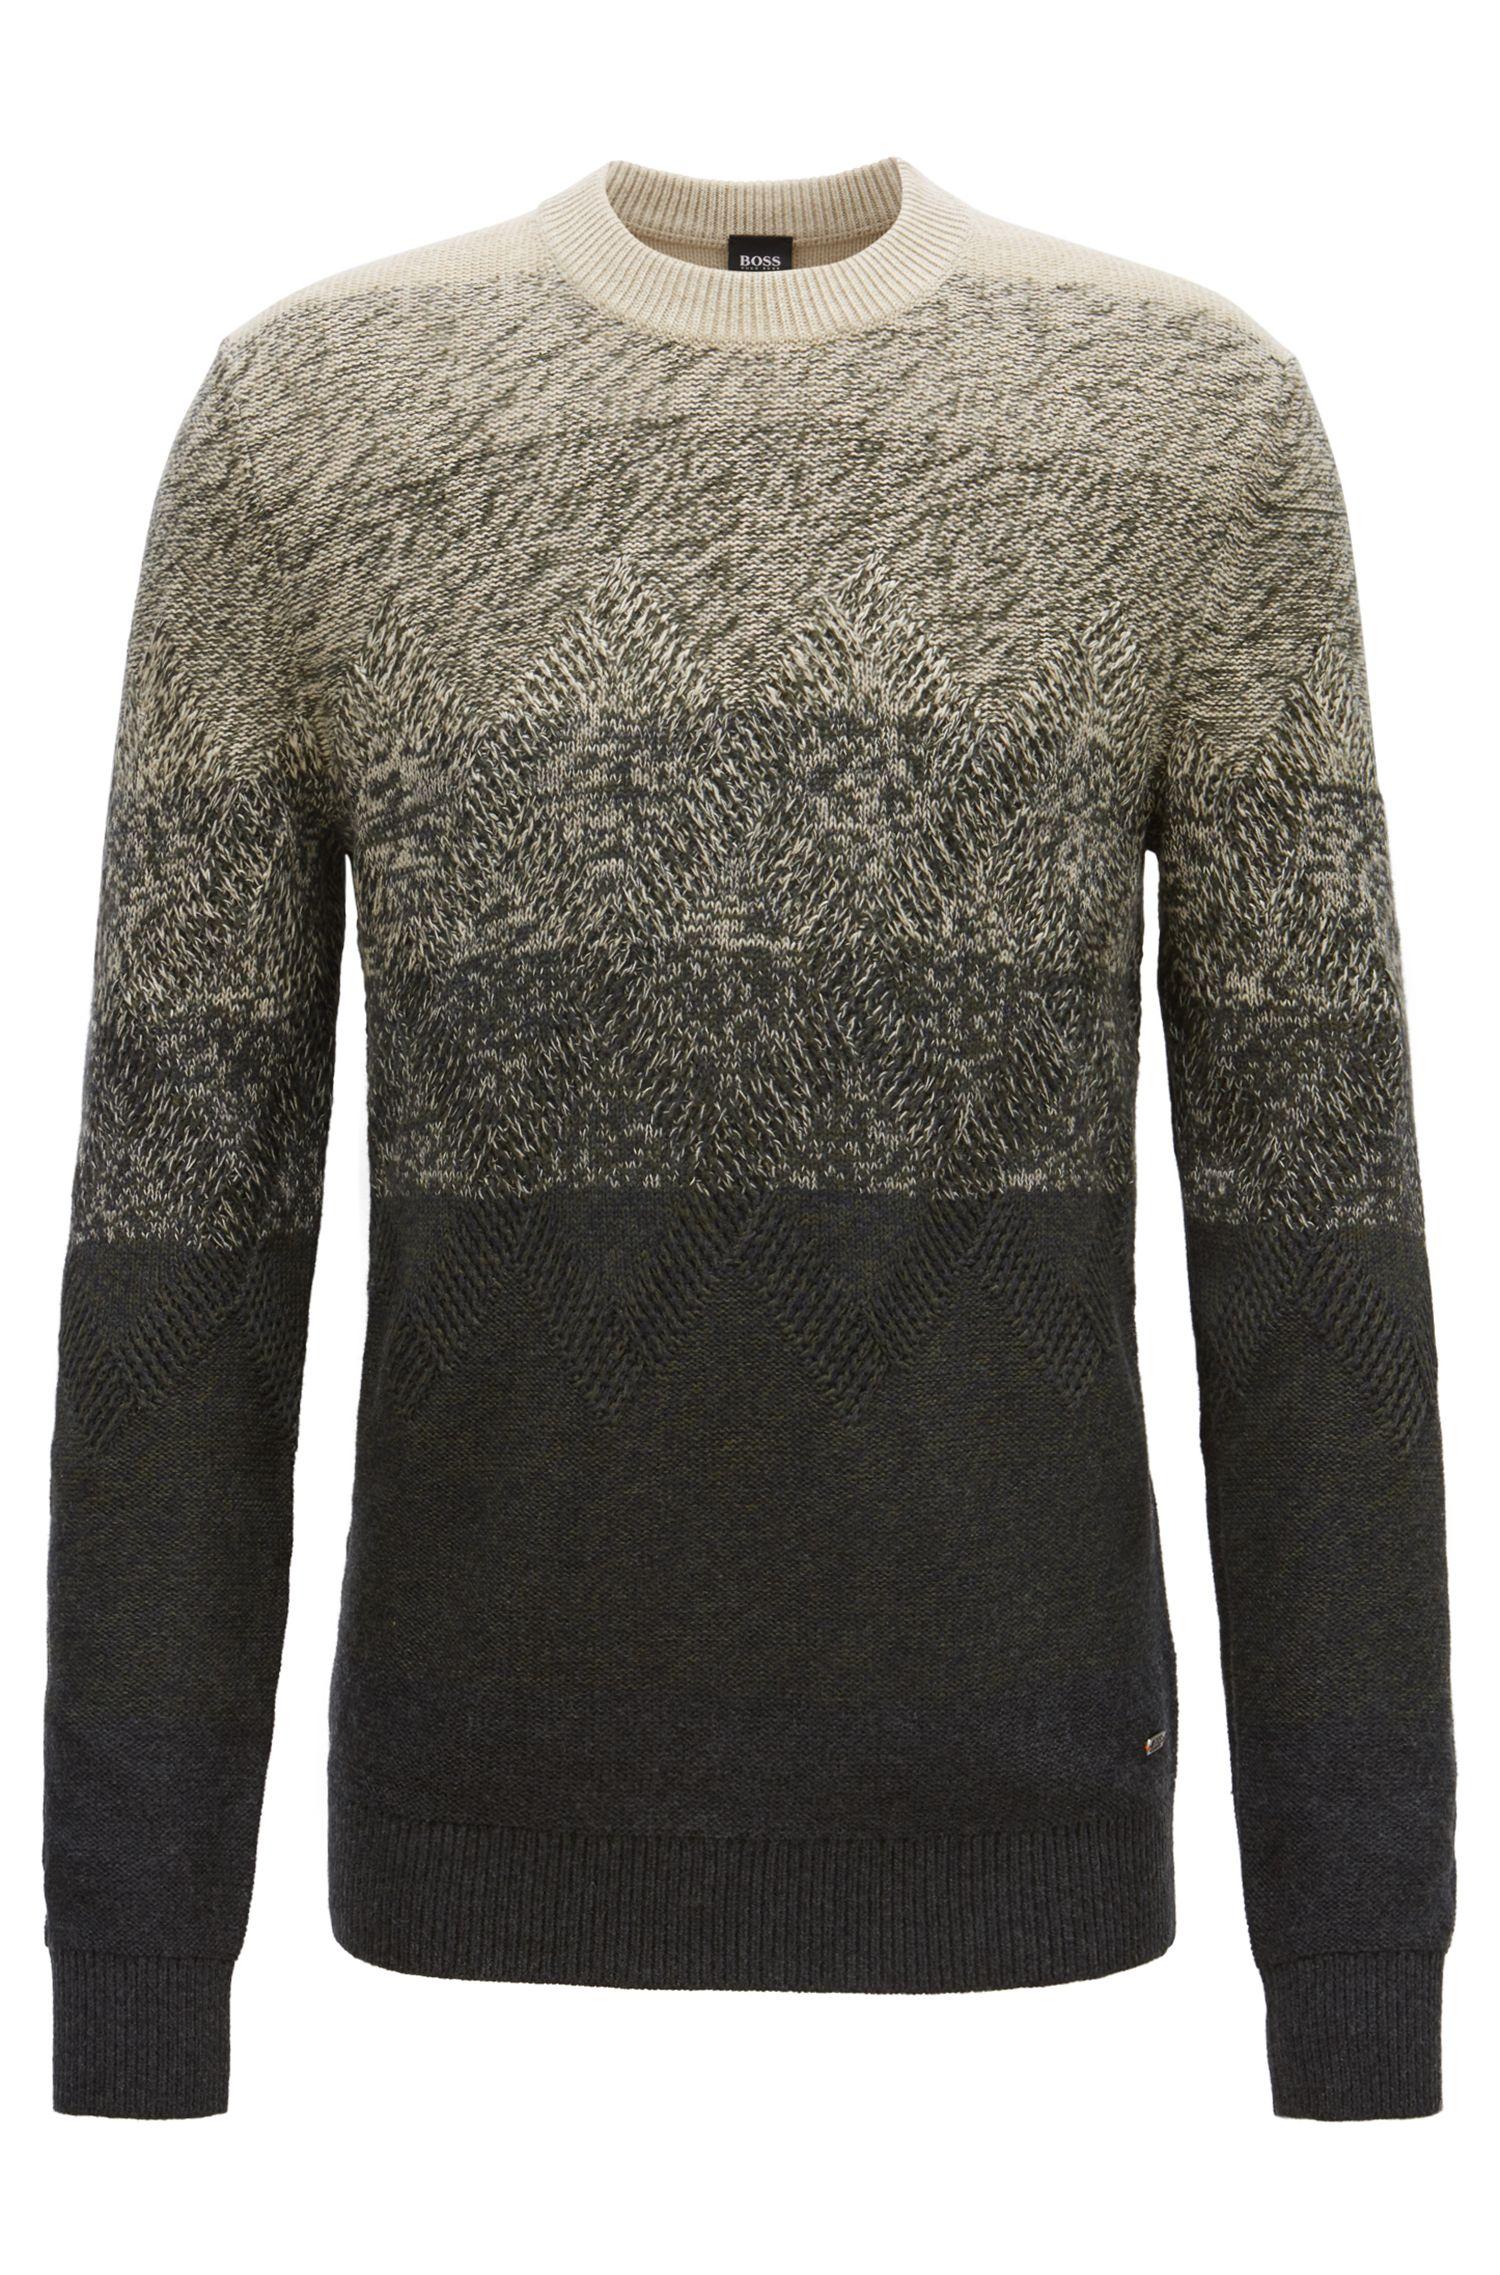 Dégradé sweater with Aran-knit detailing, Dark Grey